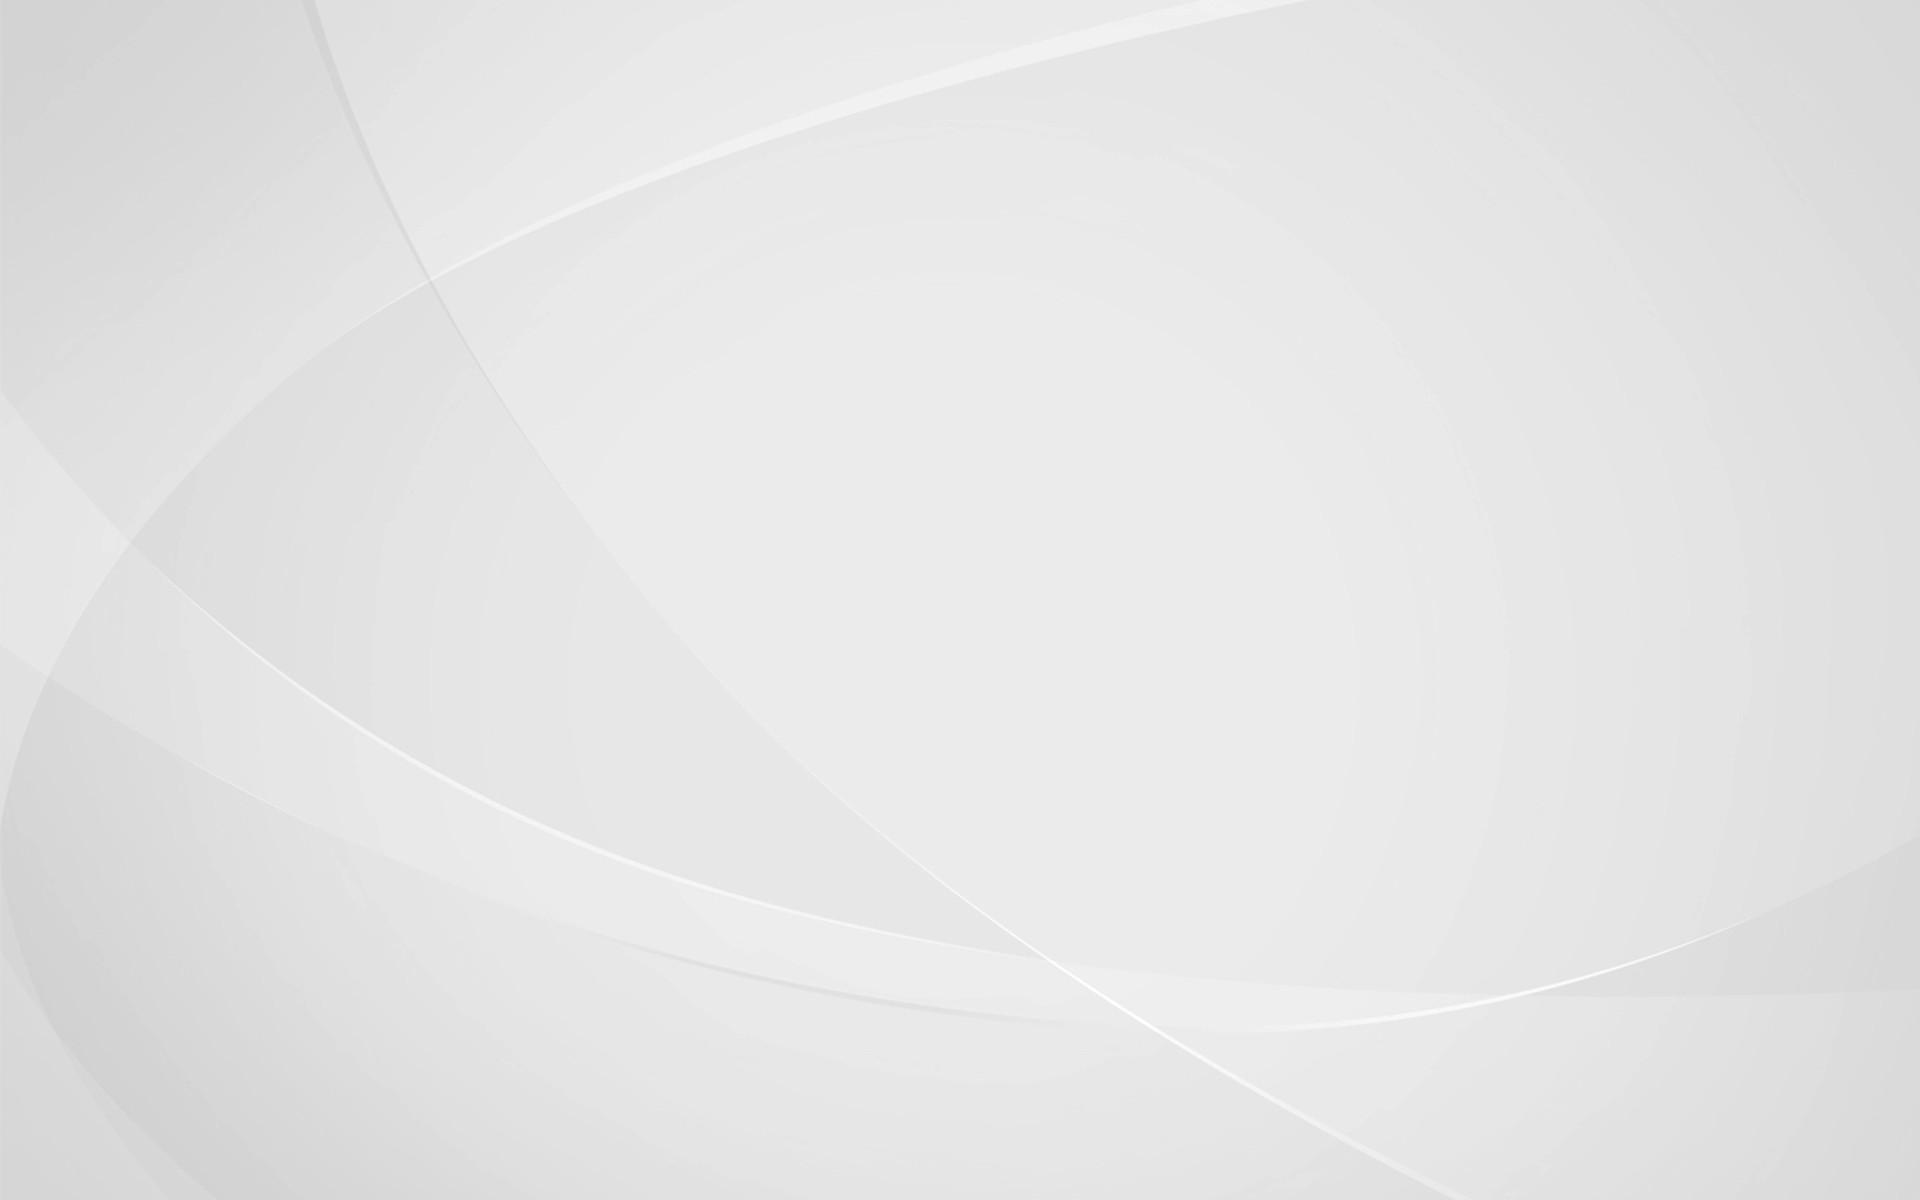 Gravity Falls Wallpaper Full Hd Sfondi Chiari 49 Immagini